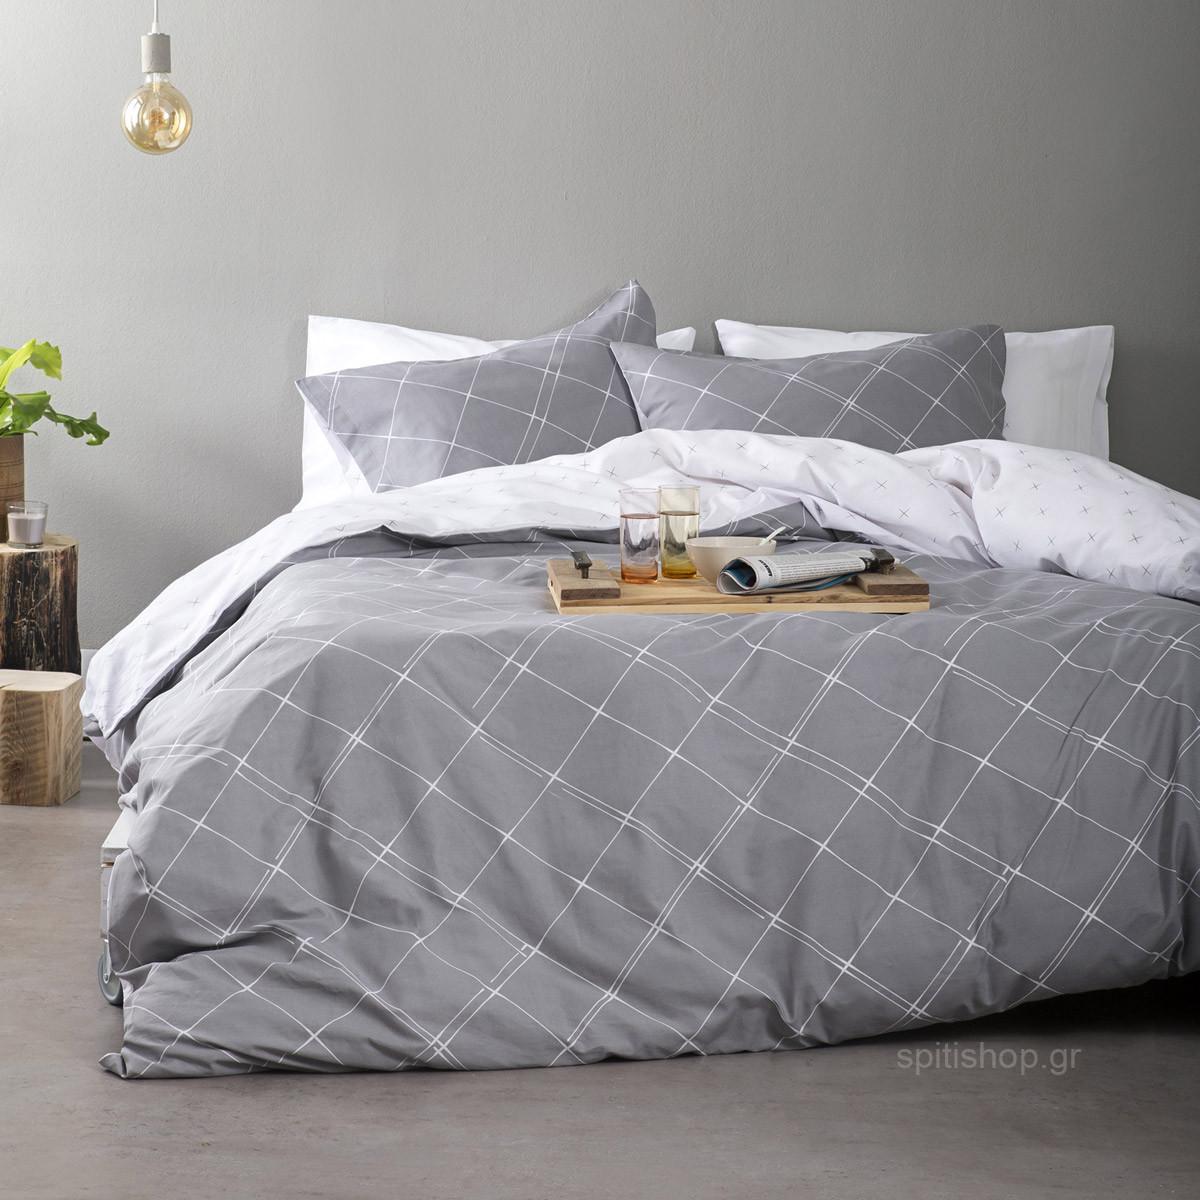 Σεντόνια Υπέρδιπλα (Σετ) Nima Bed Linen Azzora Grey ΜΕ ΛΑΣΤΙΧΟ 160×200+32 ΜΕ ΛΑΣΤΙΧΟ 160×200+32